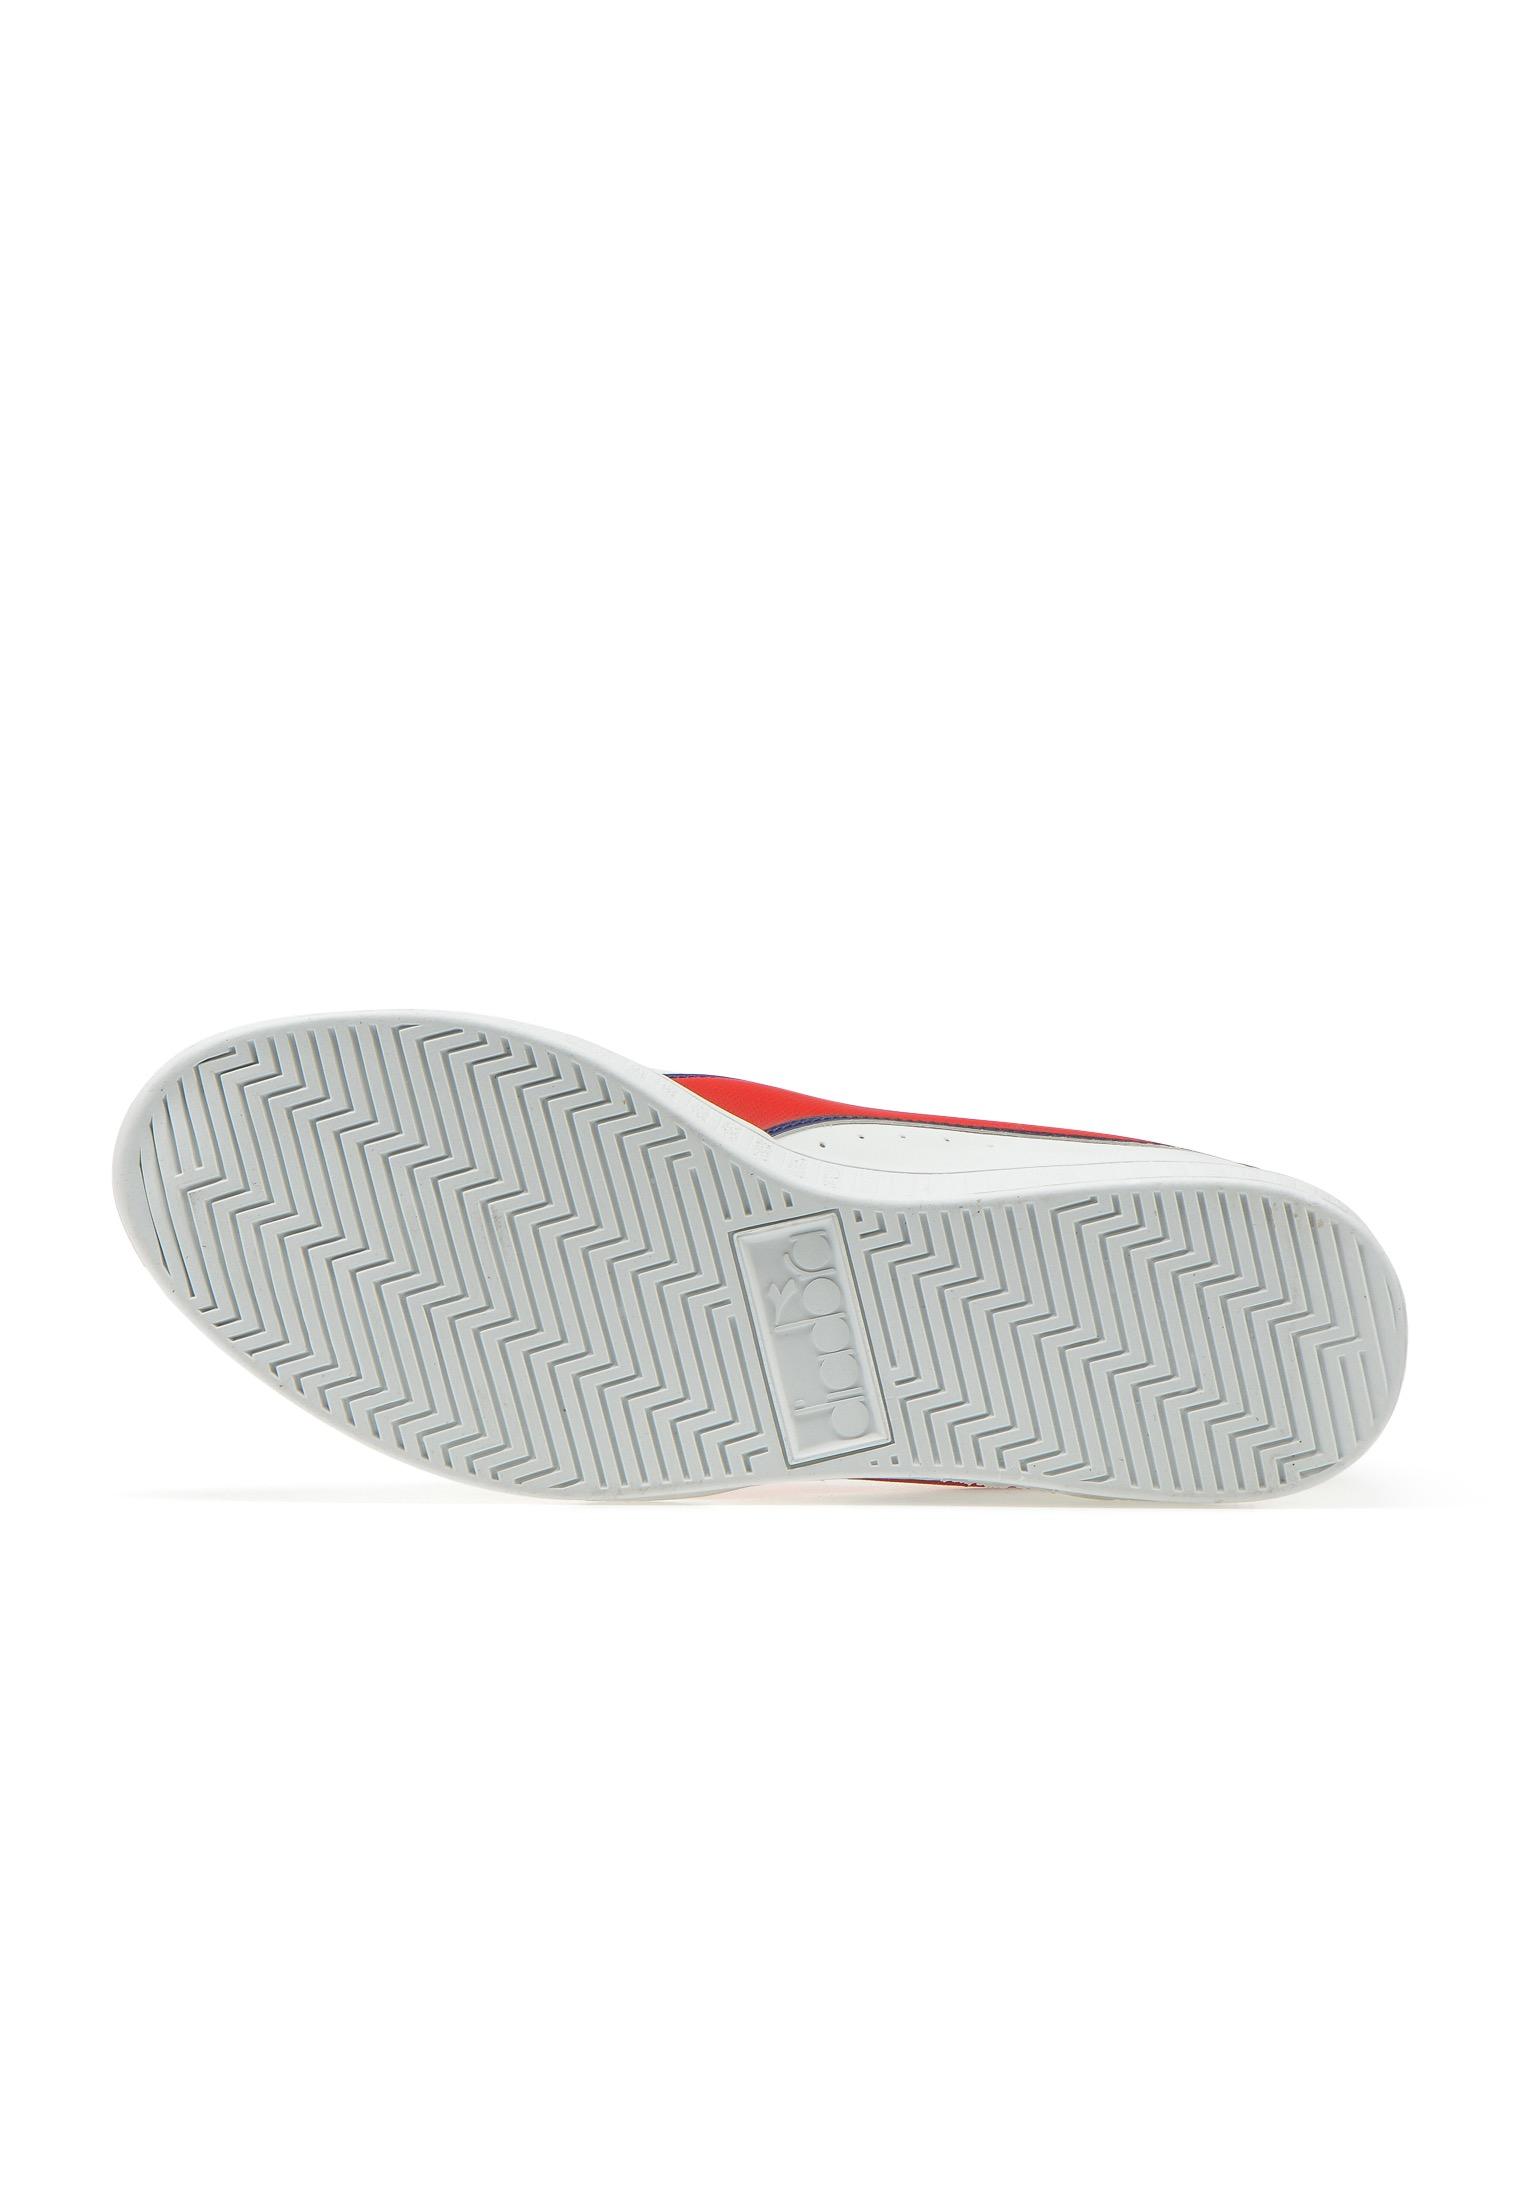 Diadora-Scarpe-Sportive-GAME-P-per-uomo-e-donna miniatura 53